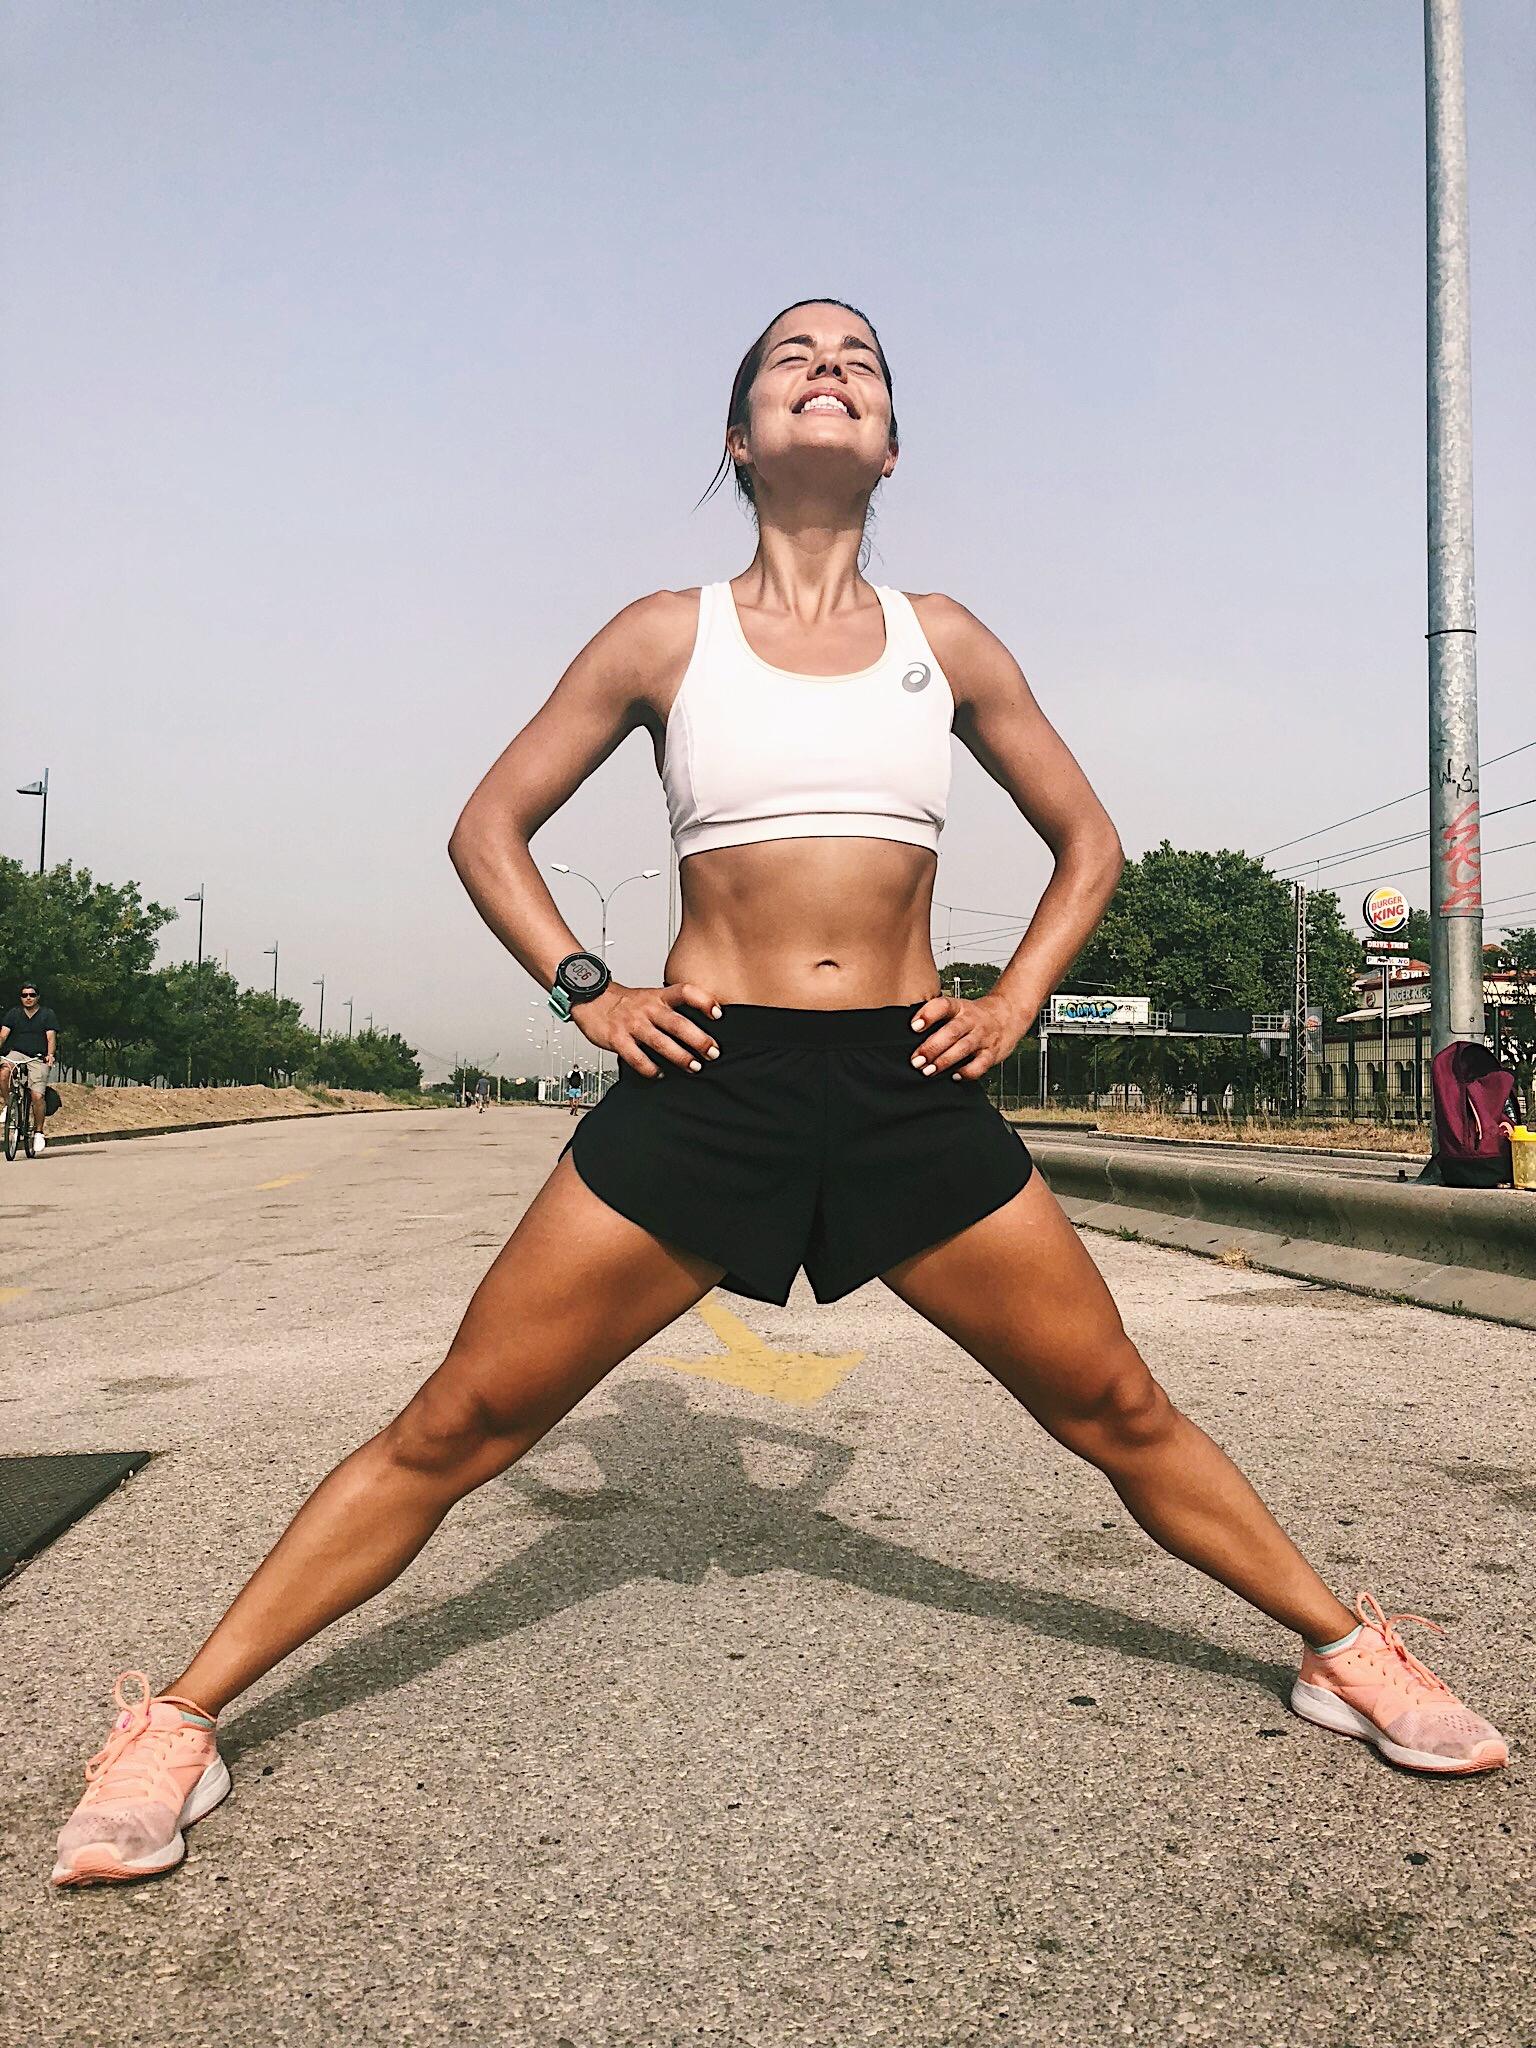 Alongamento para músculos adutores. Atenção ao excesso de abertura dos membros inferiores, de maneira a evitar distensões e roturas musculares. -